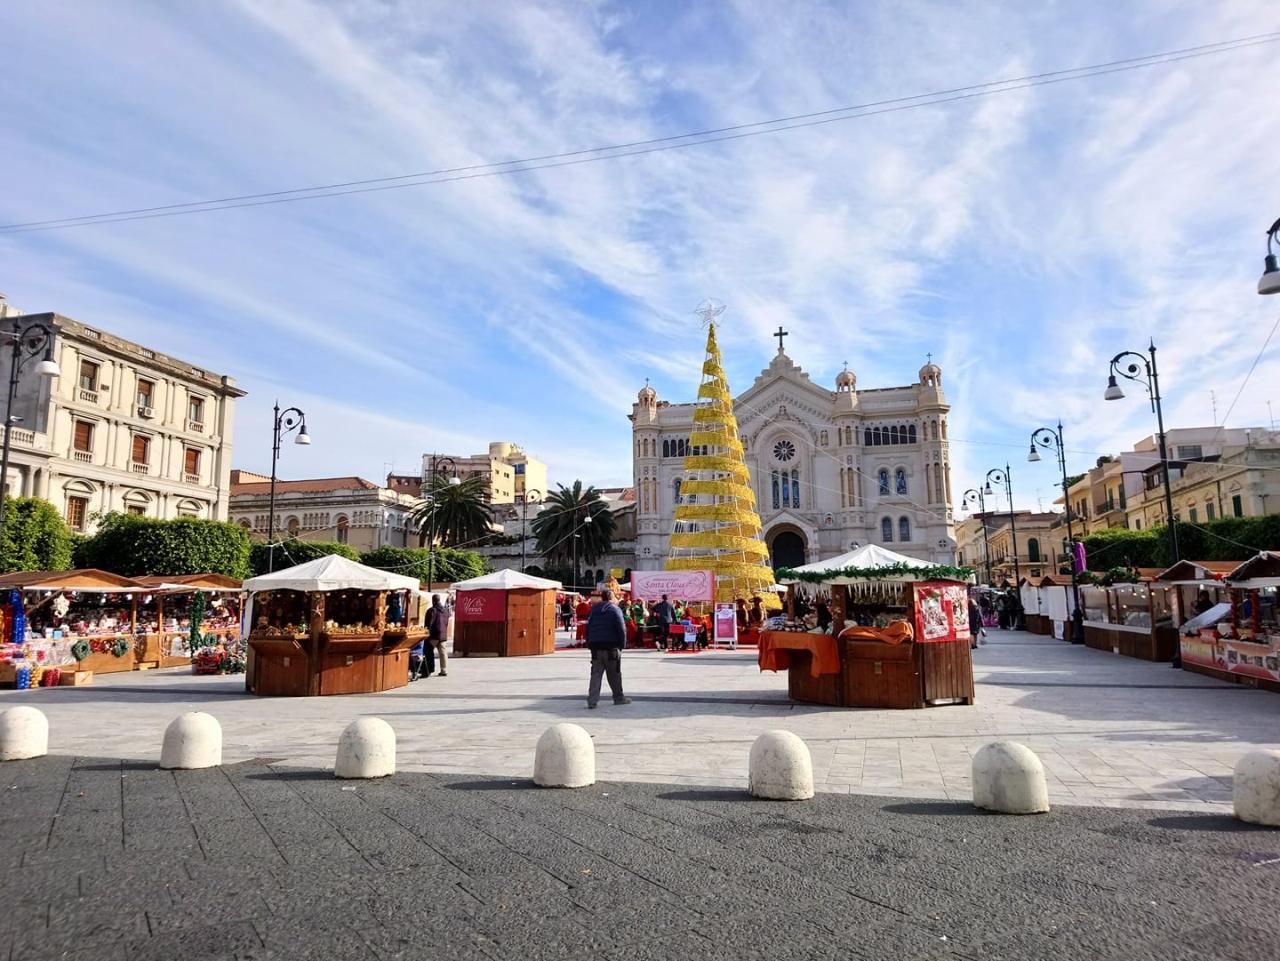 albero di Natale e mercatino in piazza Duomo a Reggio Calabria - foto di Pasquale Campolo